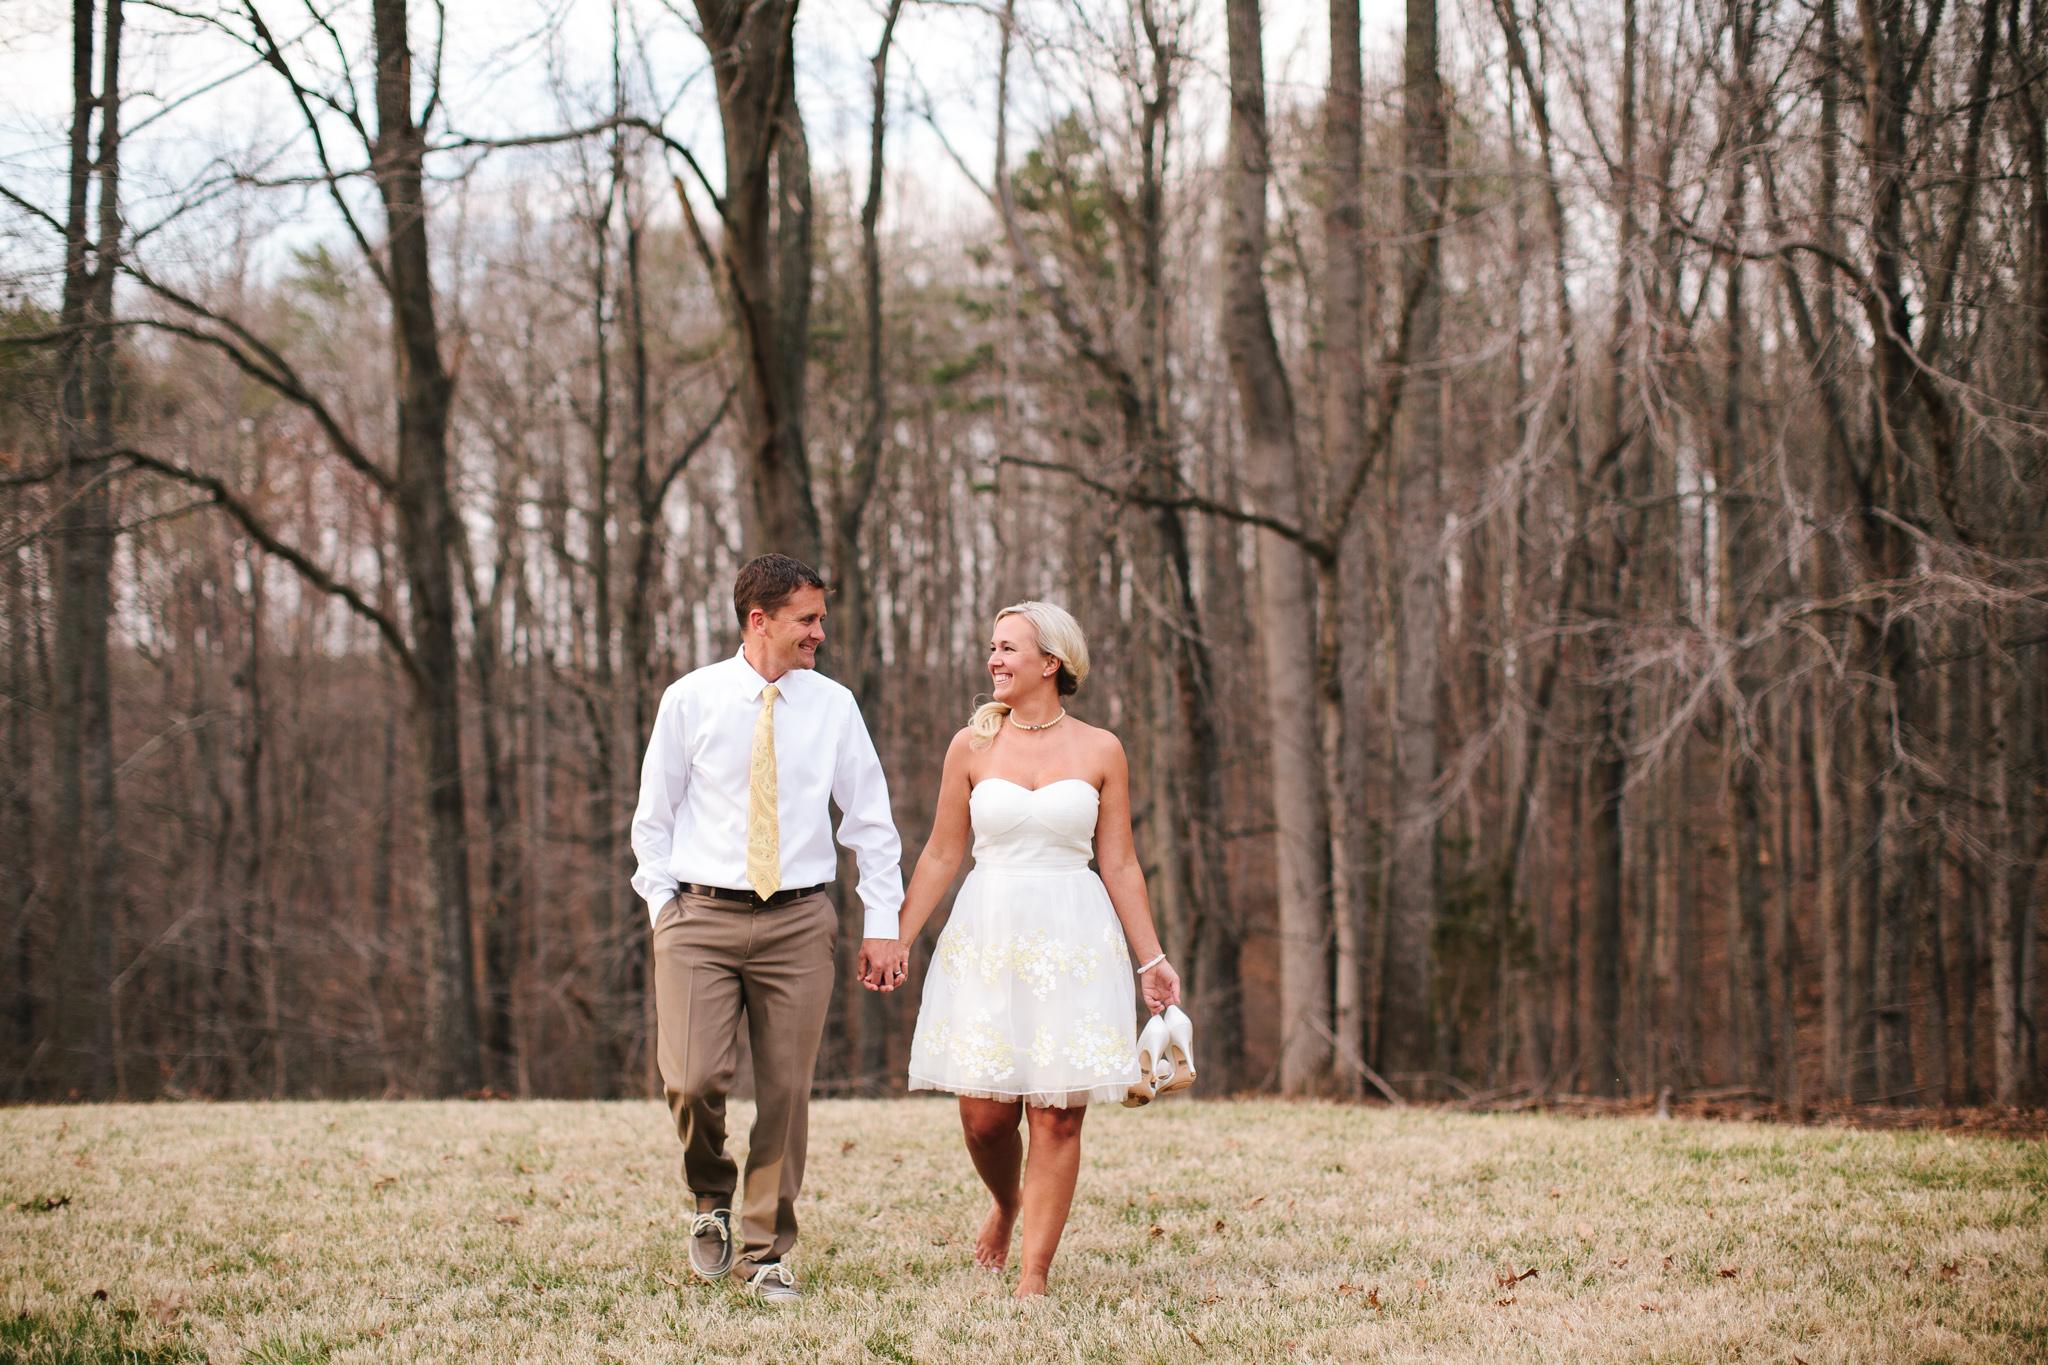 north_carolina_wedding_portraits_tierney_cyanne_photography_1449.jpg